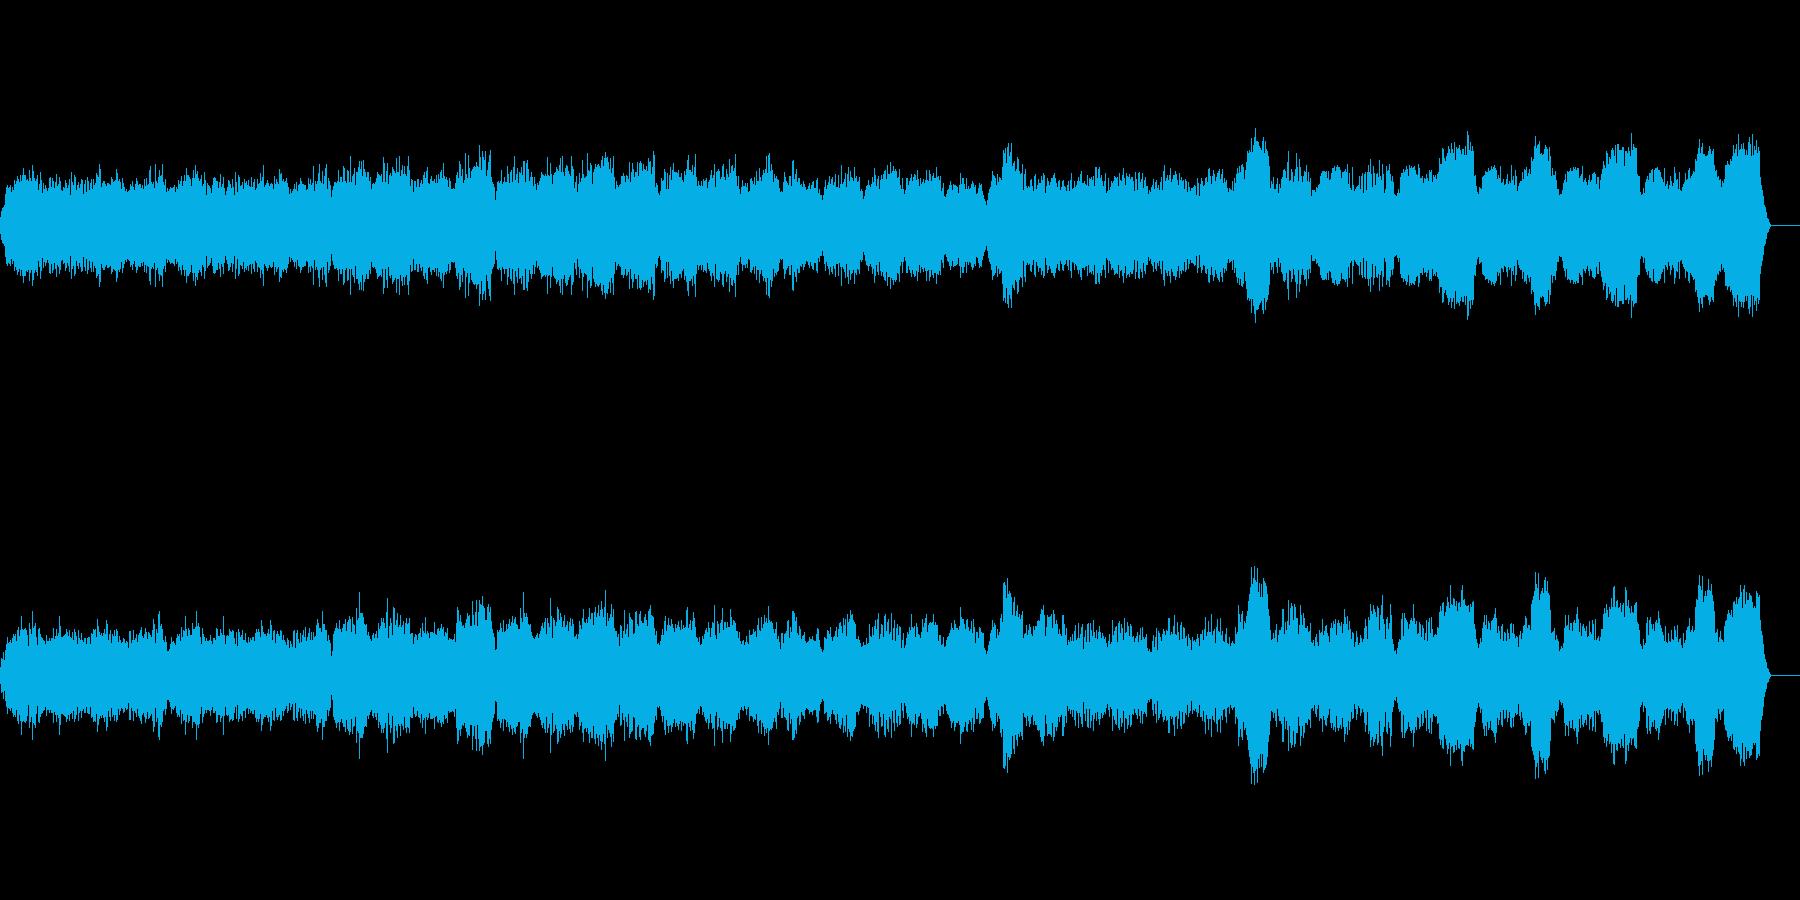 柔らかなシンセの和音が美しい楽曲の再生済みの波形